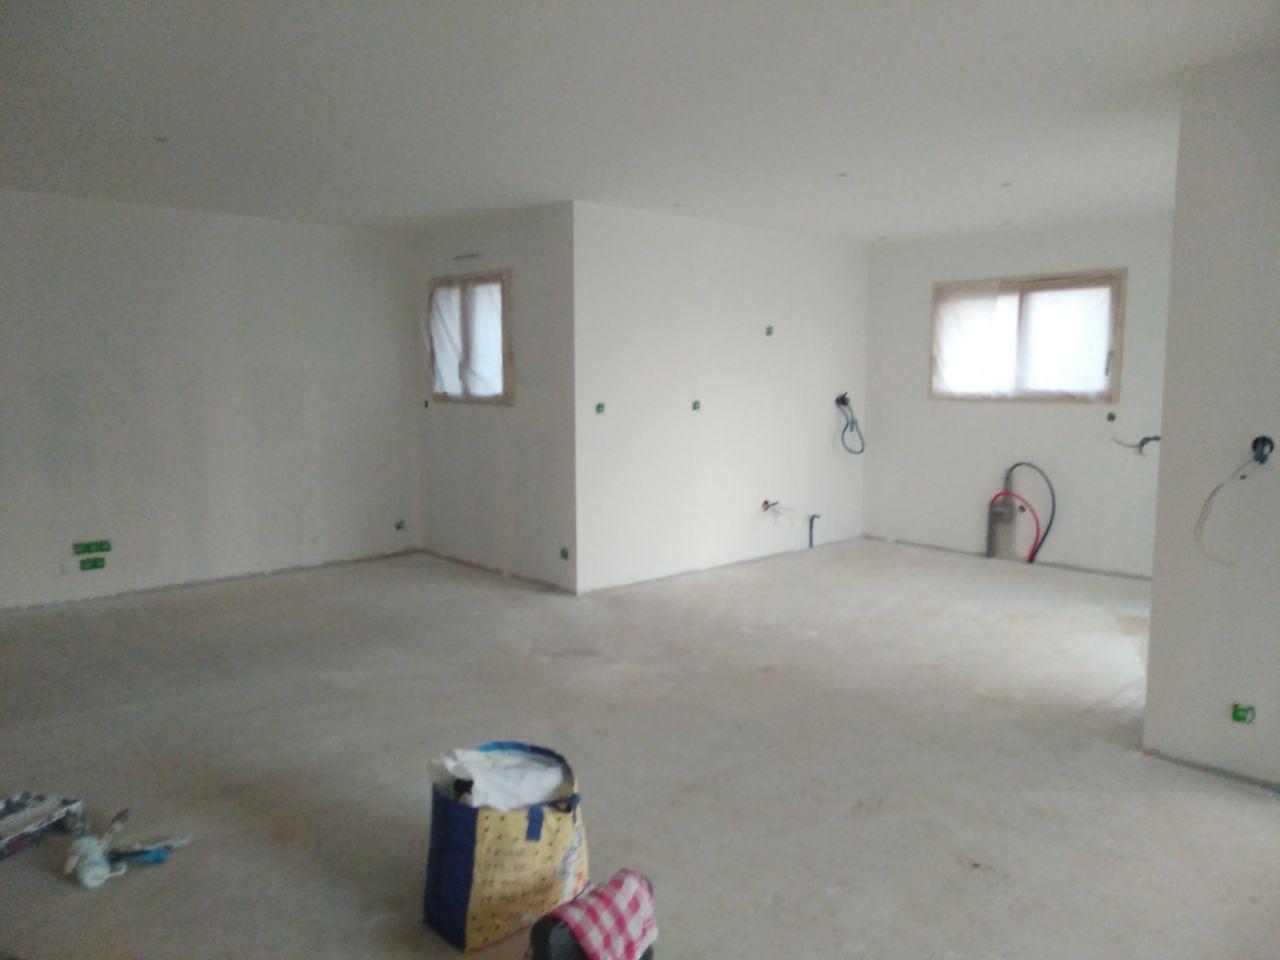 Peinture sous-couche blanche dans la pièce à vivre